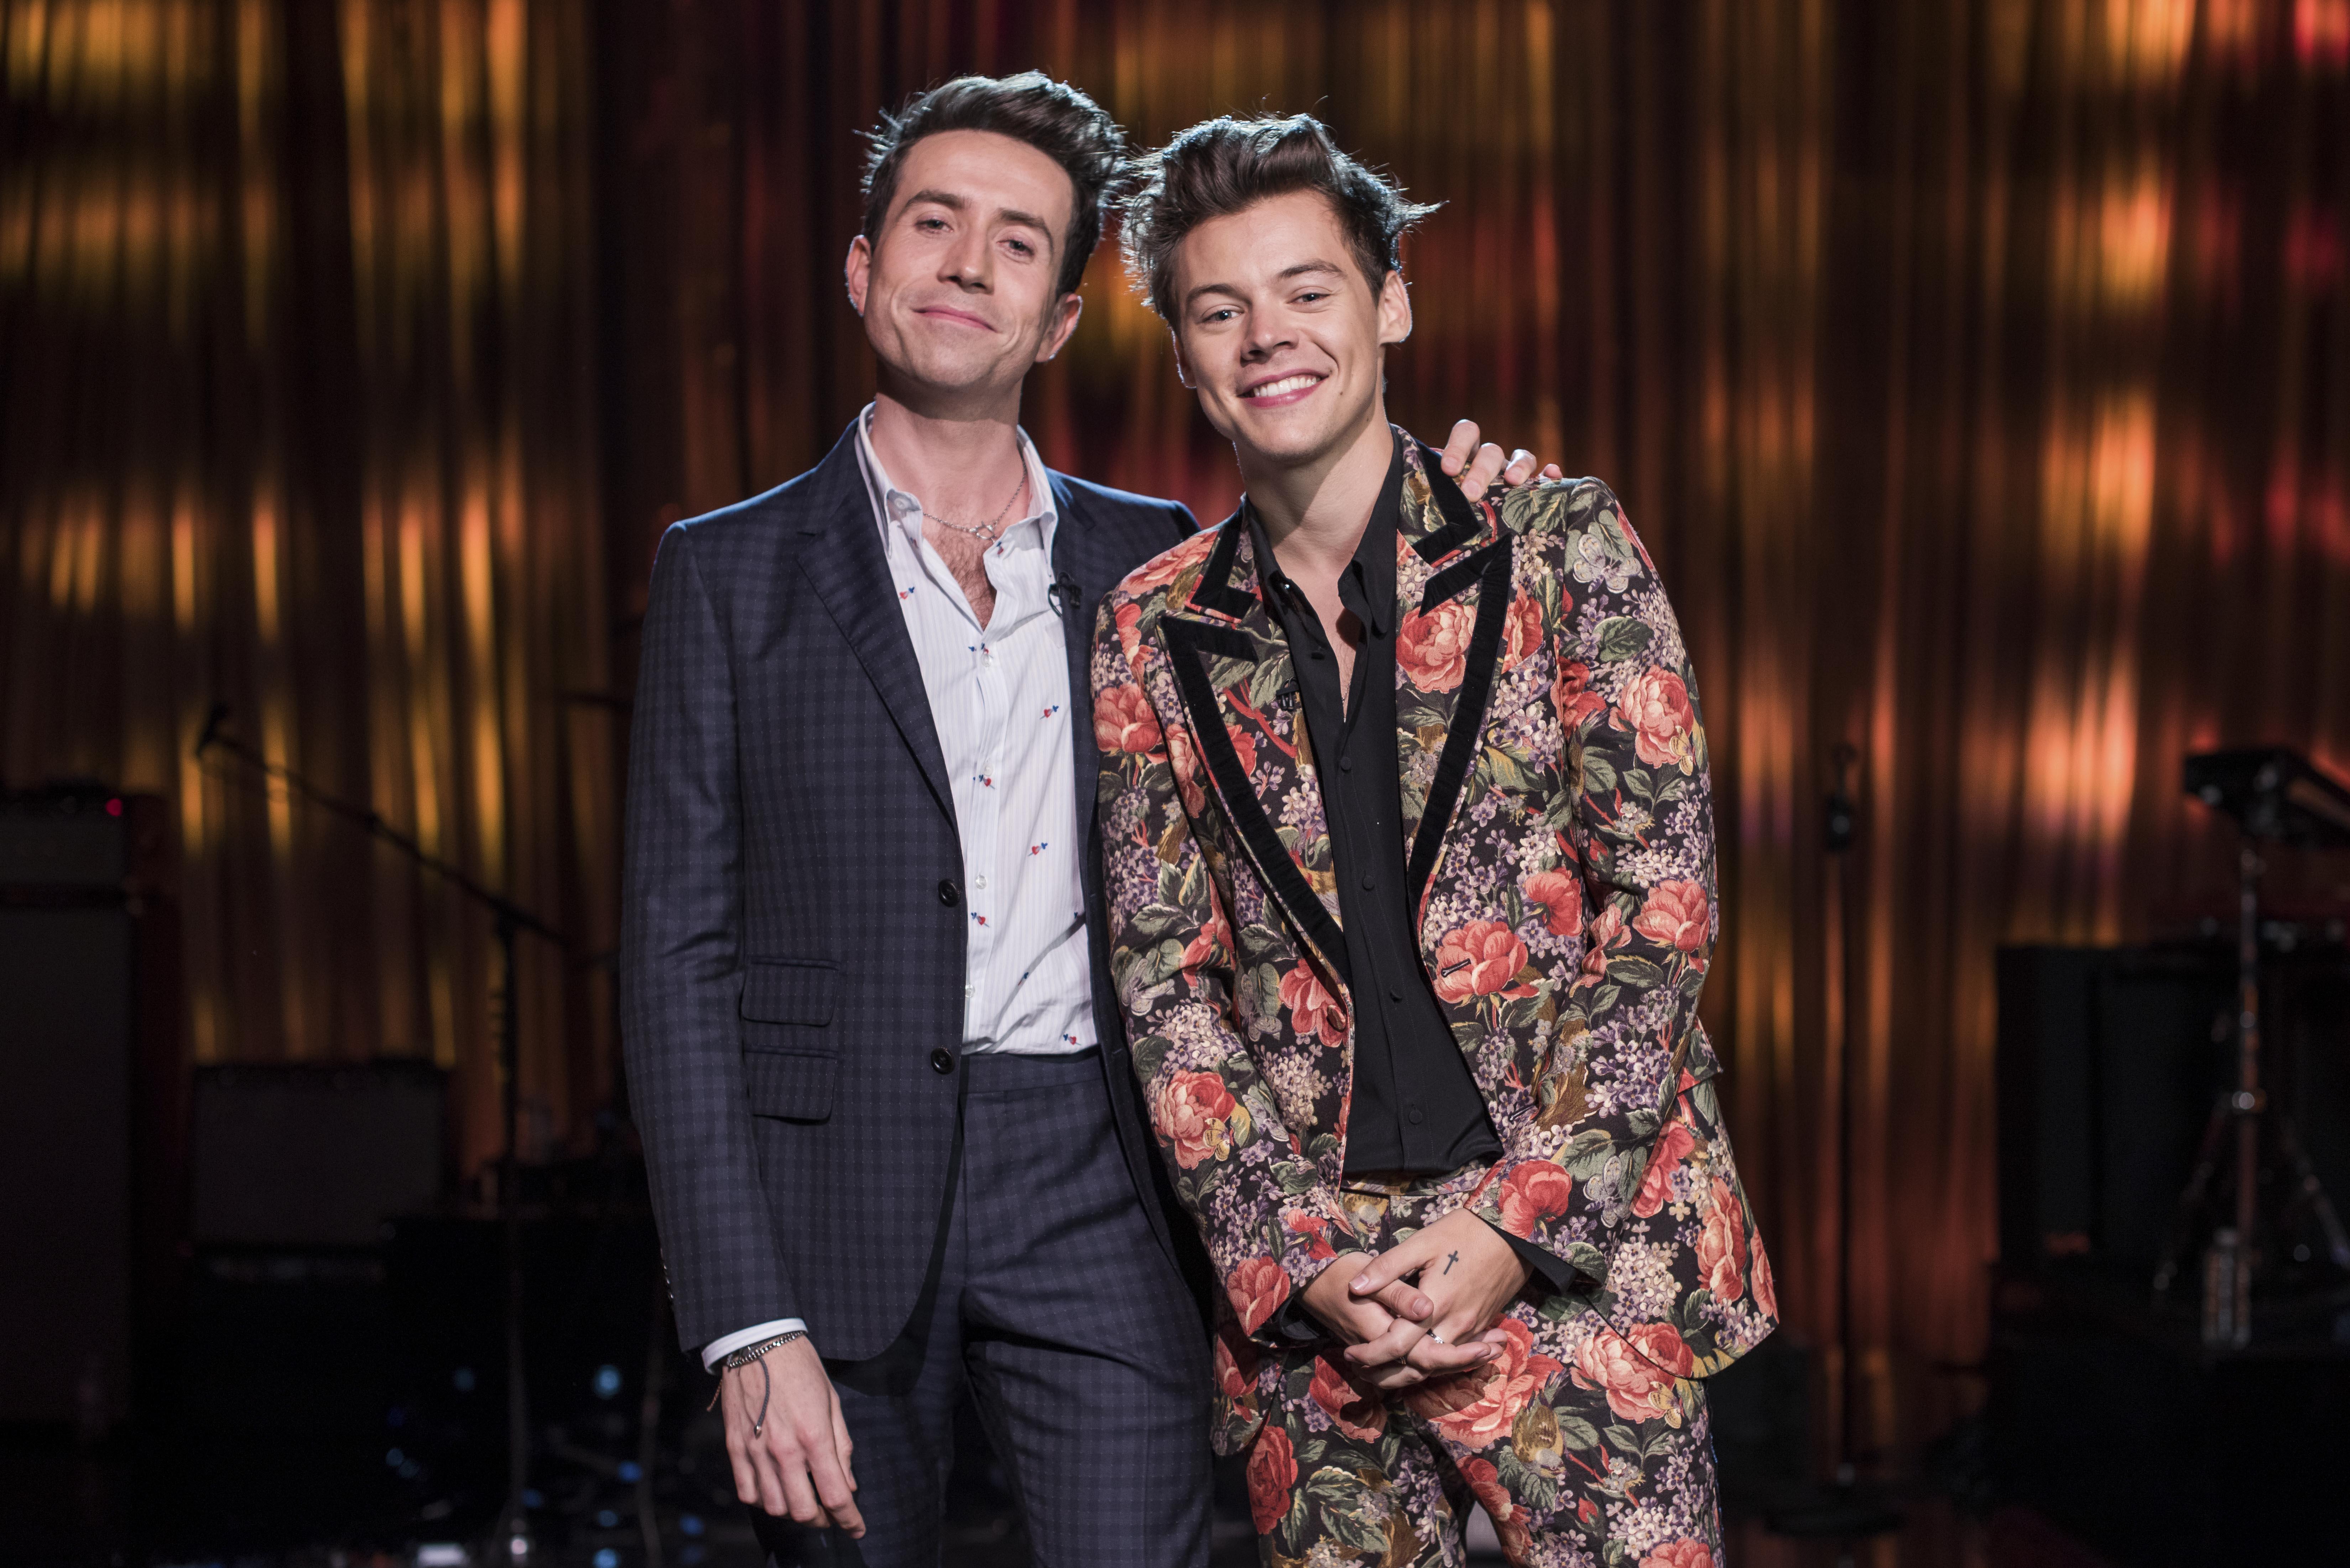 Harry styles november 2018